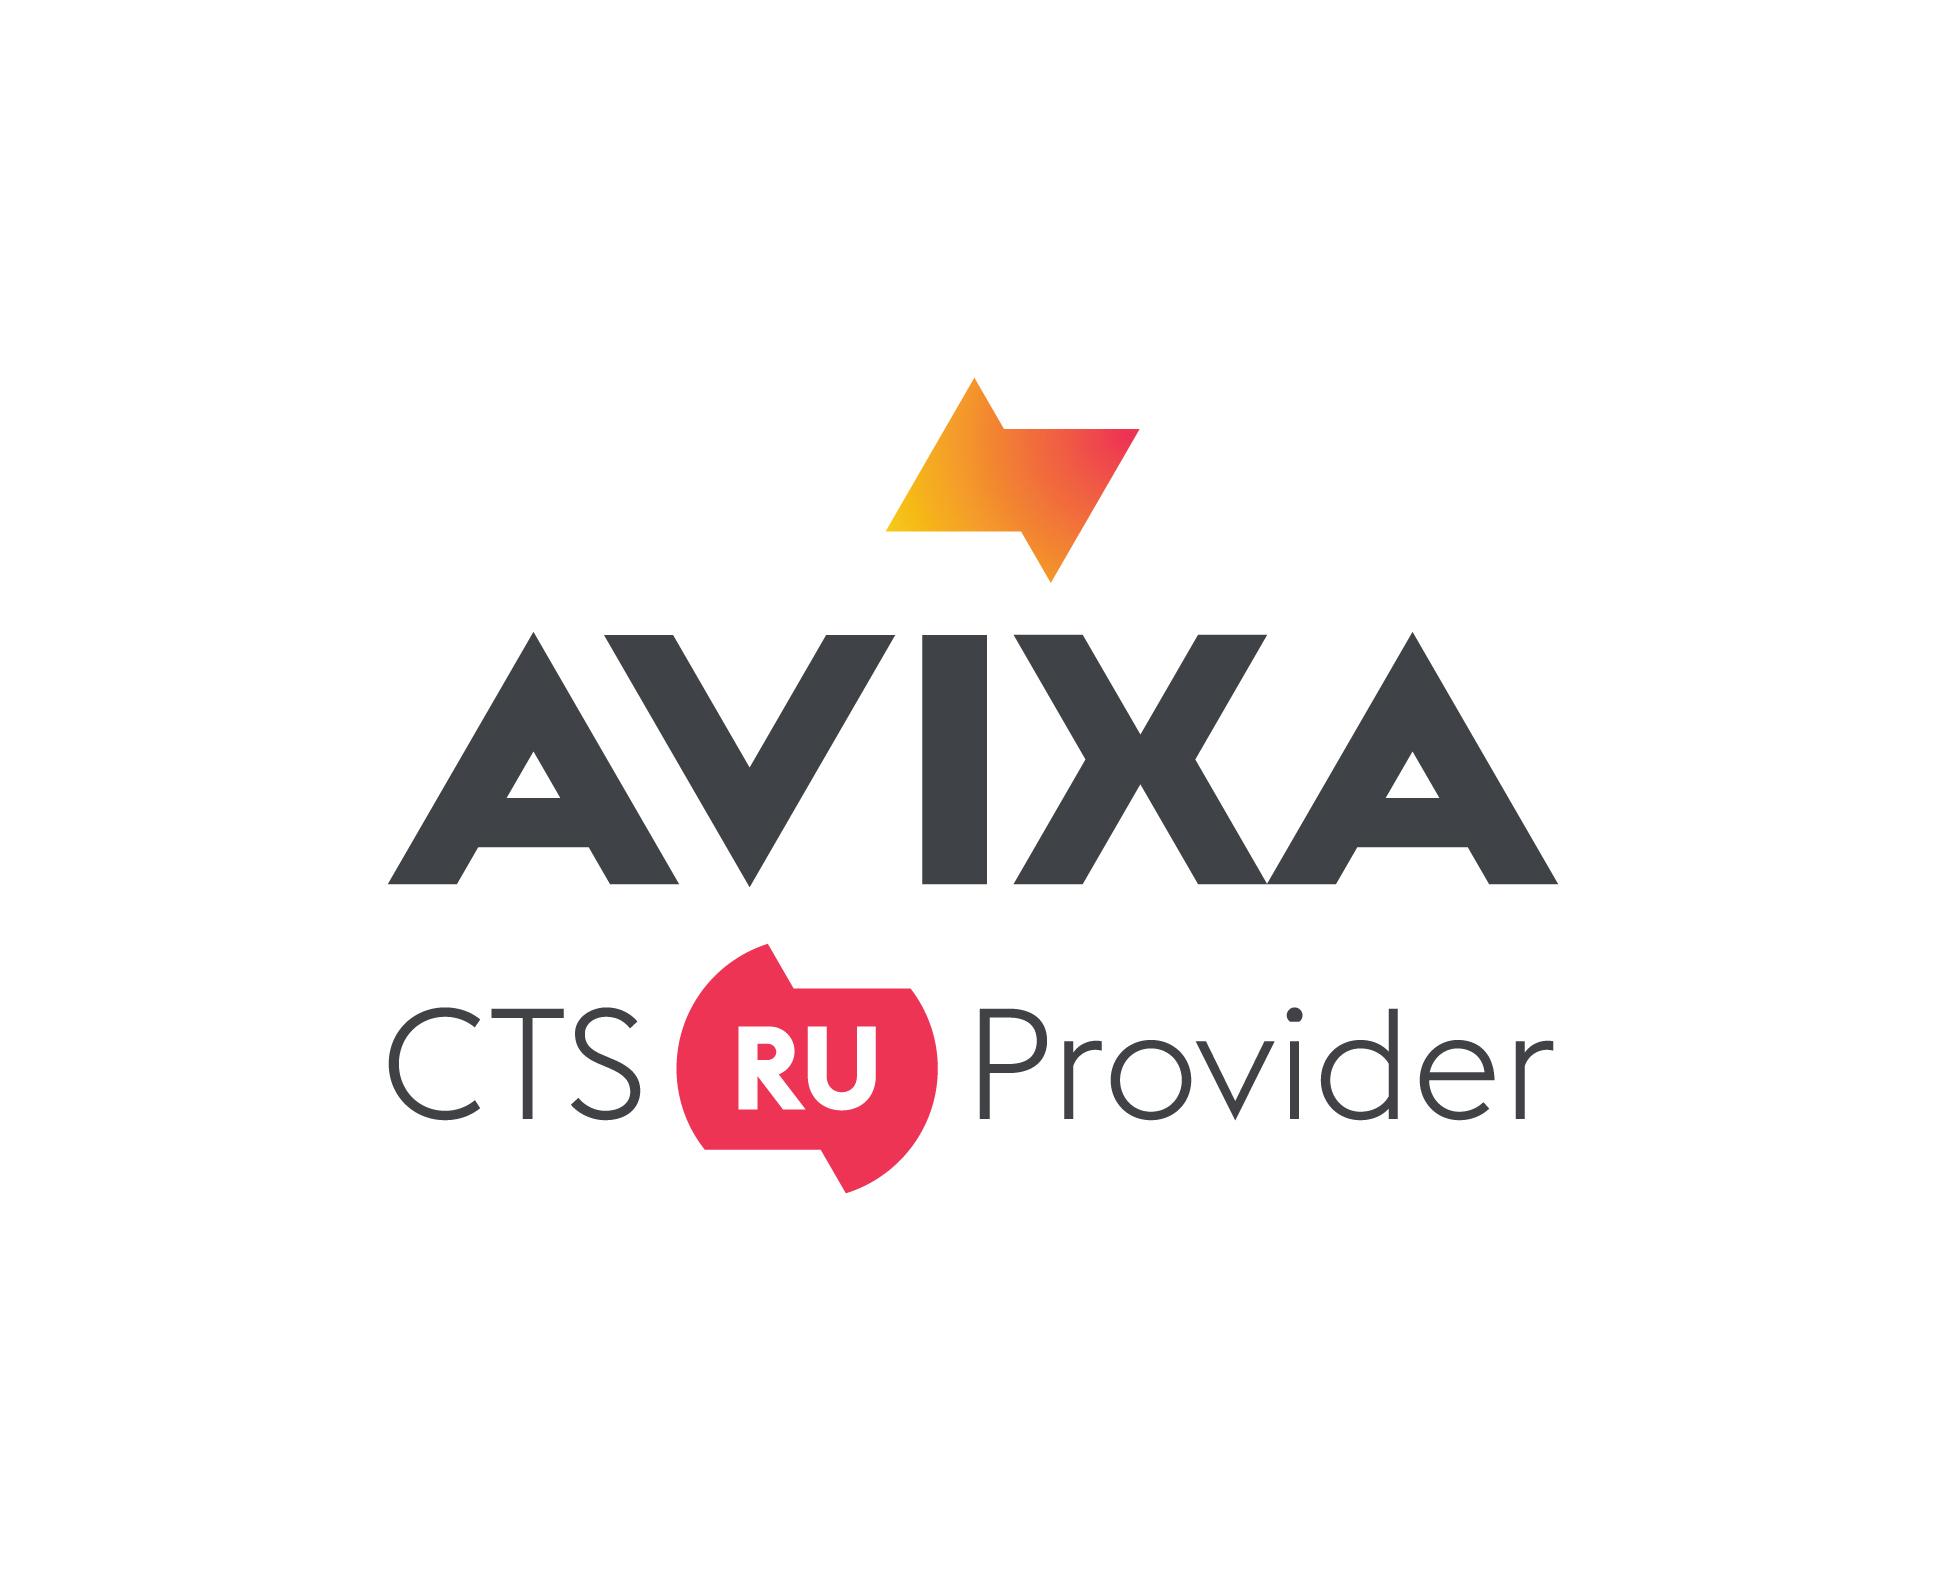 AVIXA_CTSRUPROVIDER.jpg?mtime=20171016201050#asset:3078